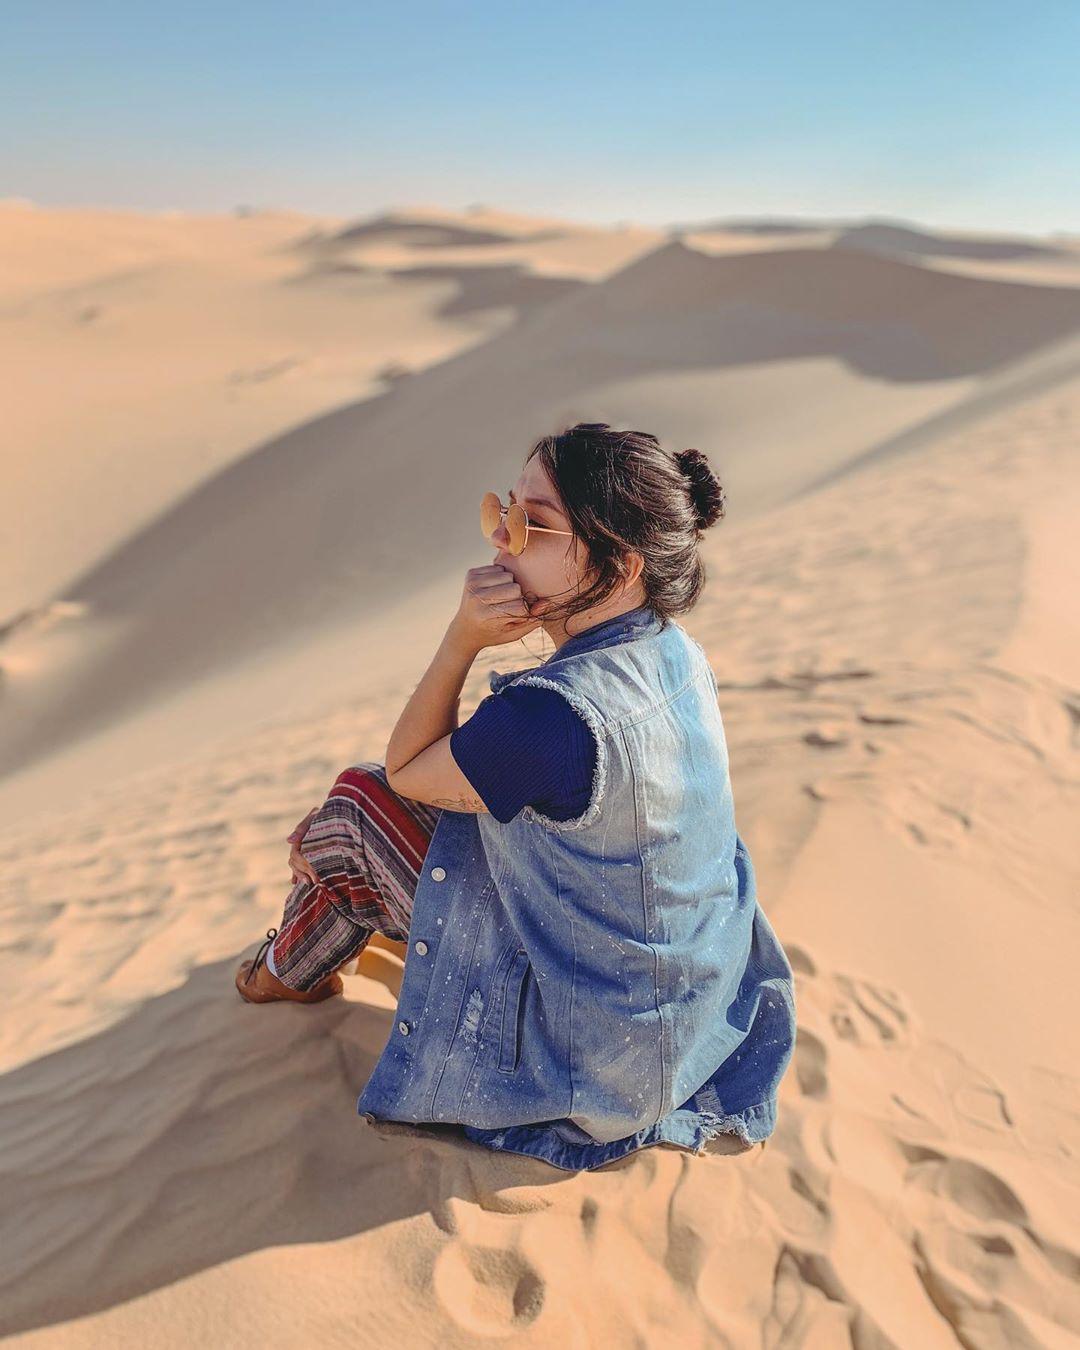 lorrany Egypt Girl DP